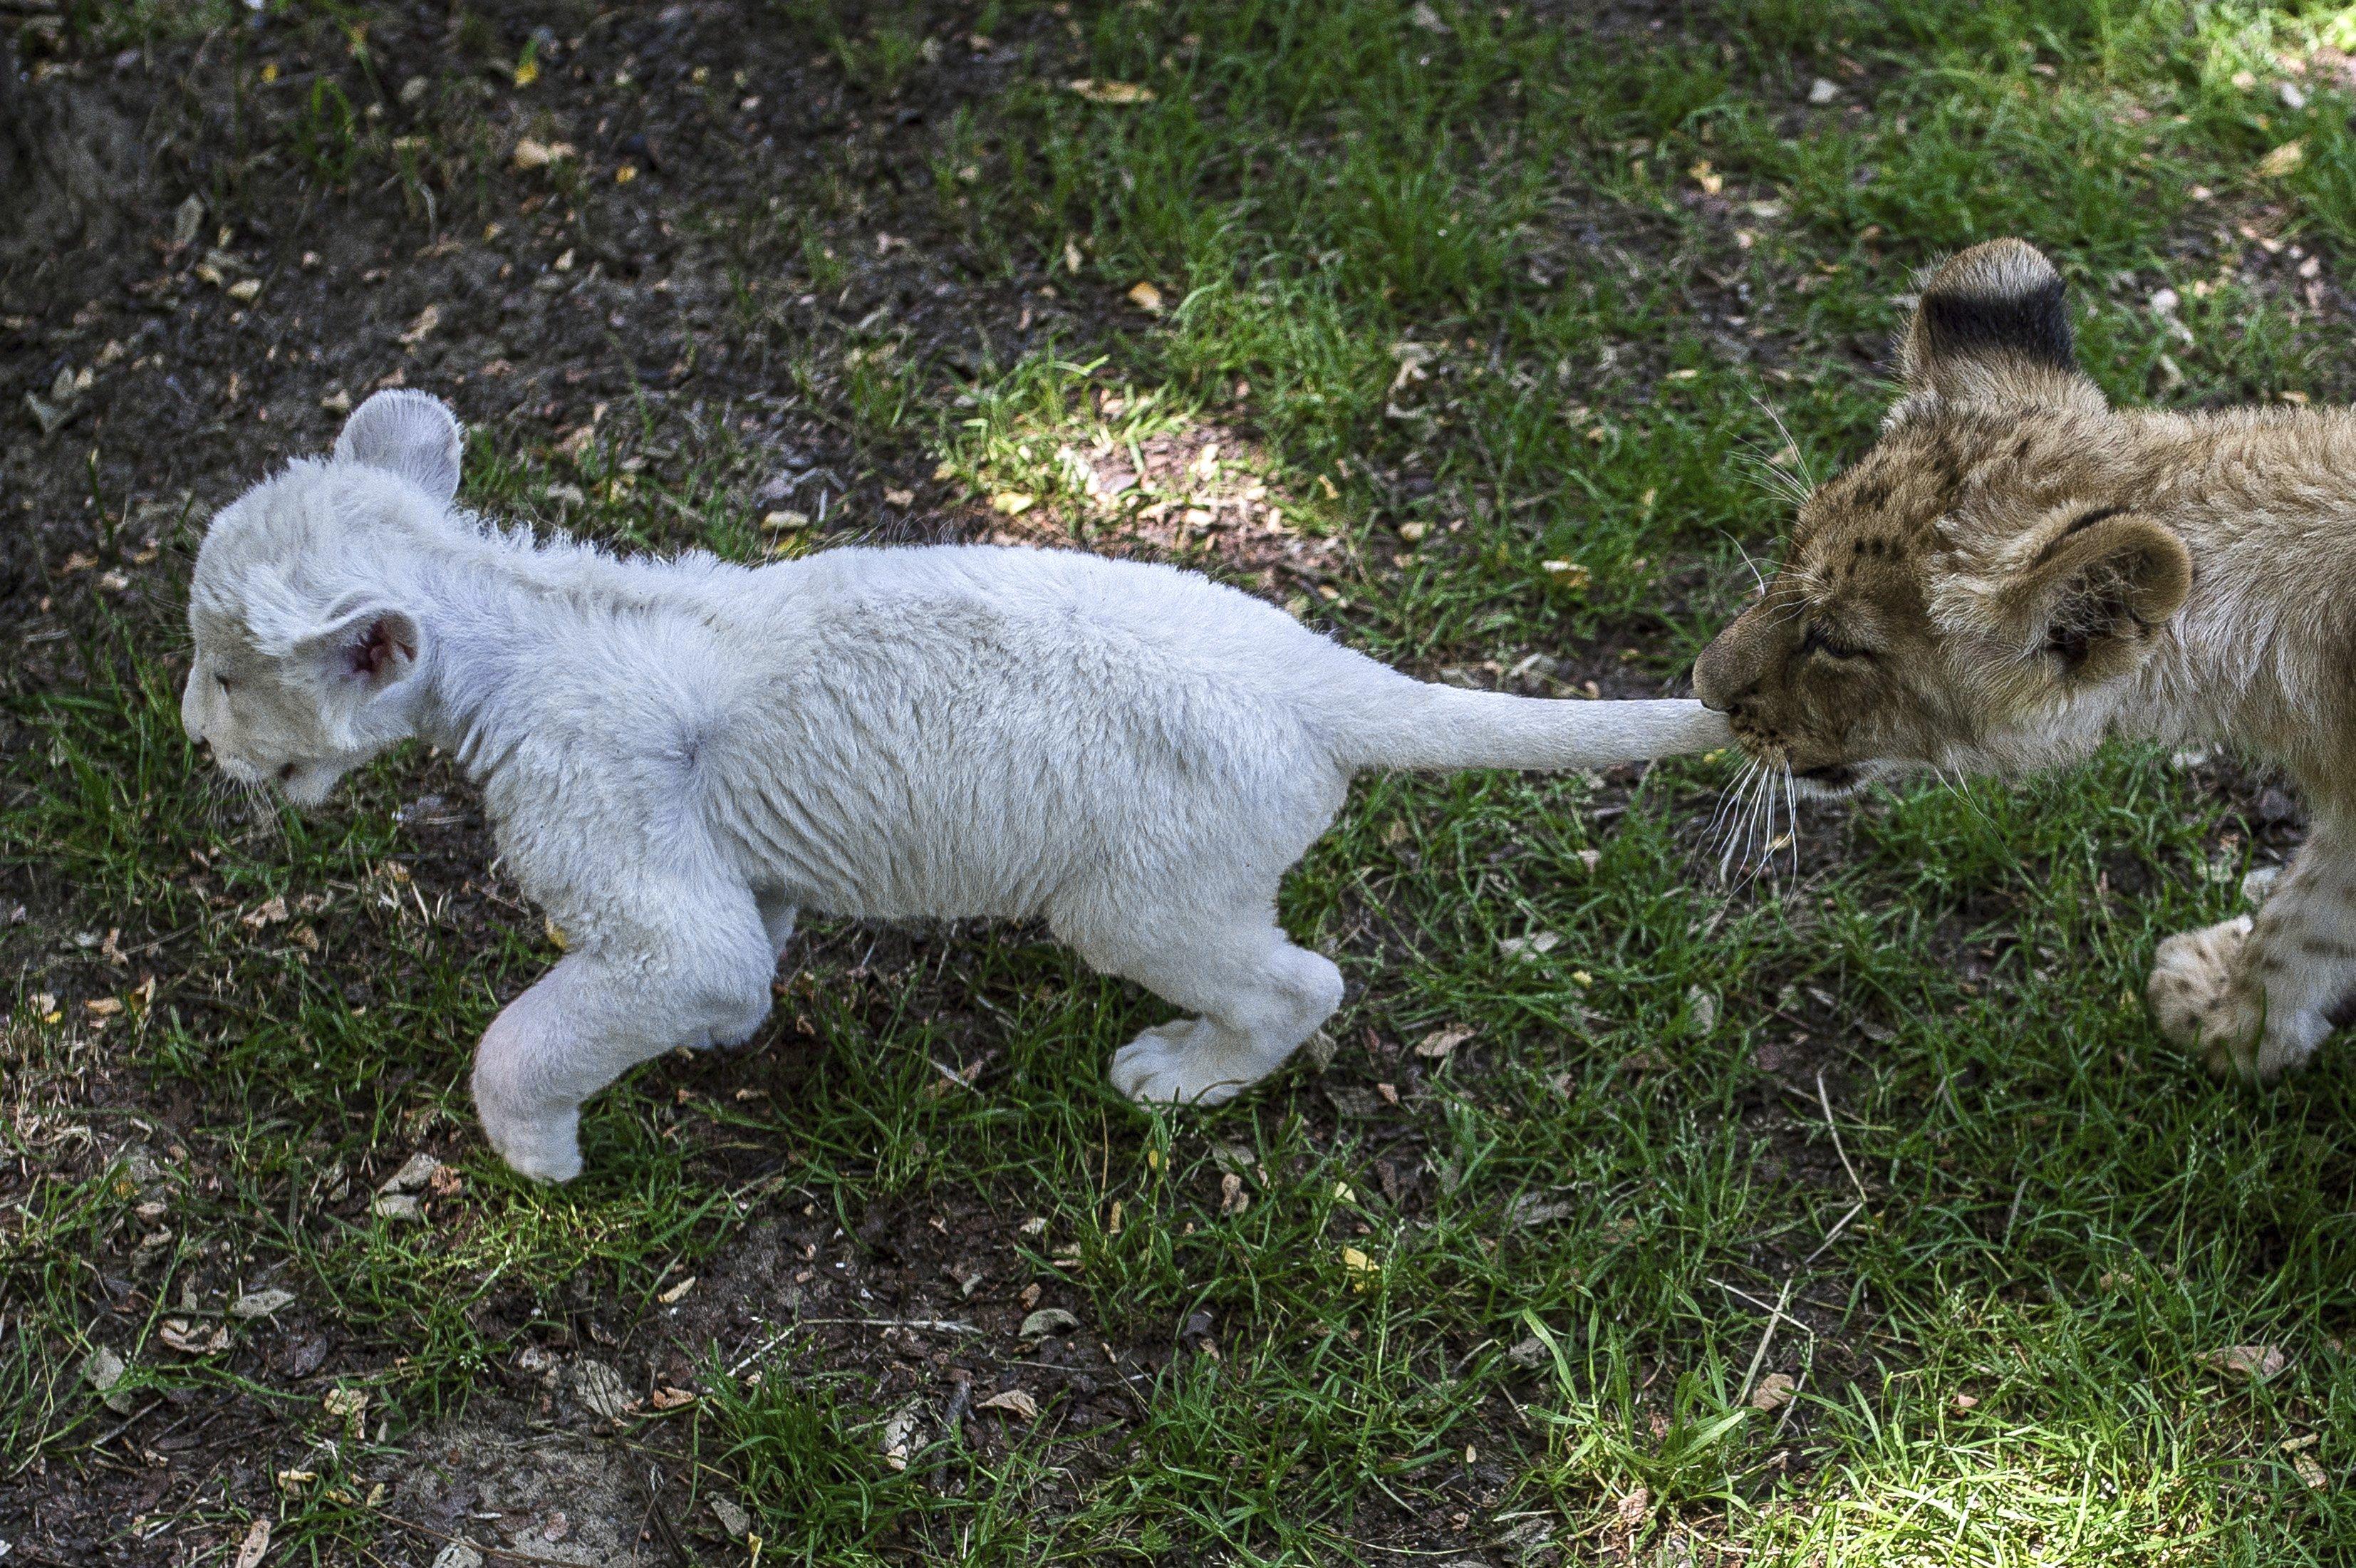 """Felsõlajos, 2016. június 30. Zahra, a négyhetes, nõstény fehéroroszlán és Cecil, a tizenkét hetes hím oroszlán játszik egymással a felsõlajosi Magán Zoo állatkertben 2016. június 30-án. Zahrát elutasította az anyja, Cecil pedig császármetszéssel jött a világra és a lassan gyógyuló anyja nem tudta táplálni, ezért mindketten csak állatkerti gondozó """"pótszülõk"""" segítségével maradhattak életben. Így most együtt nevelkednek. MTI Fotó: Ujvári Sándor"""